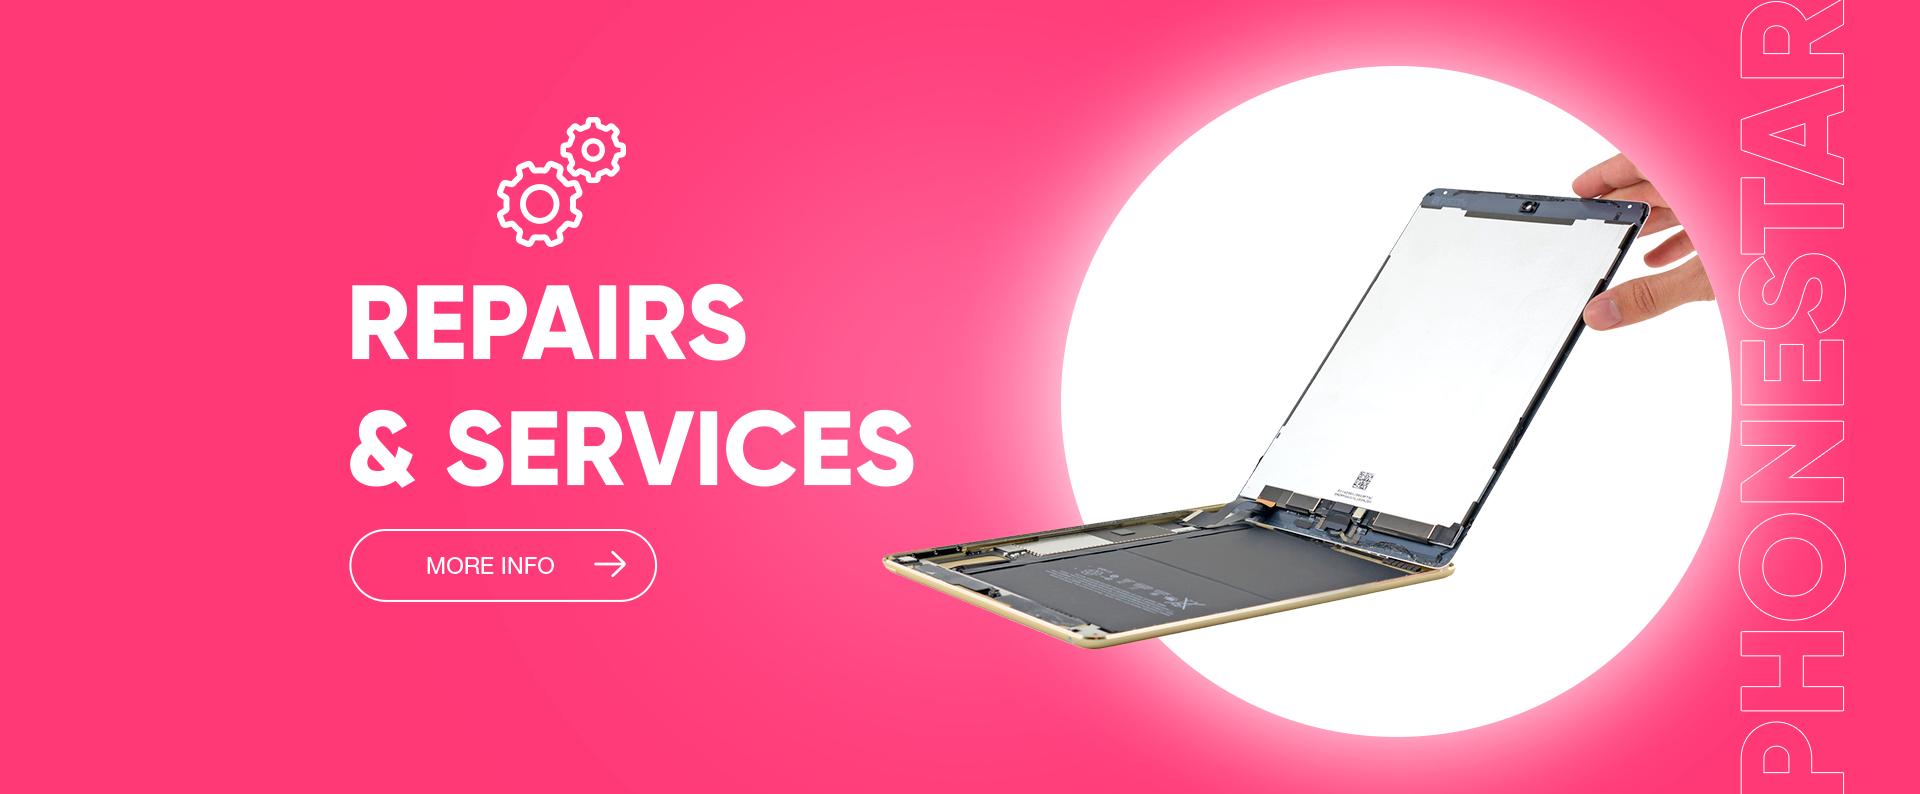 Repairs & Services